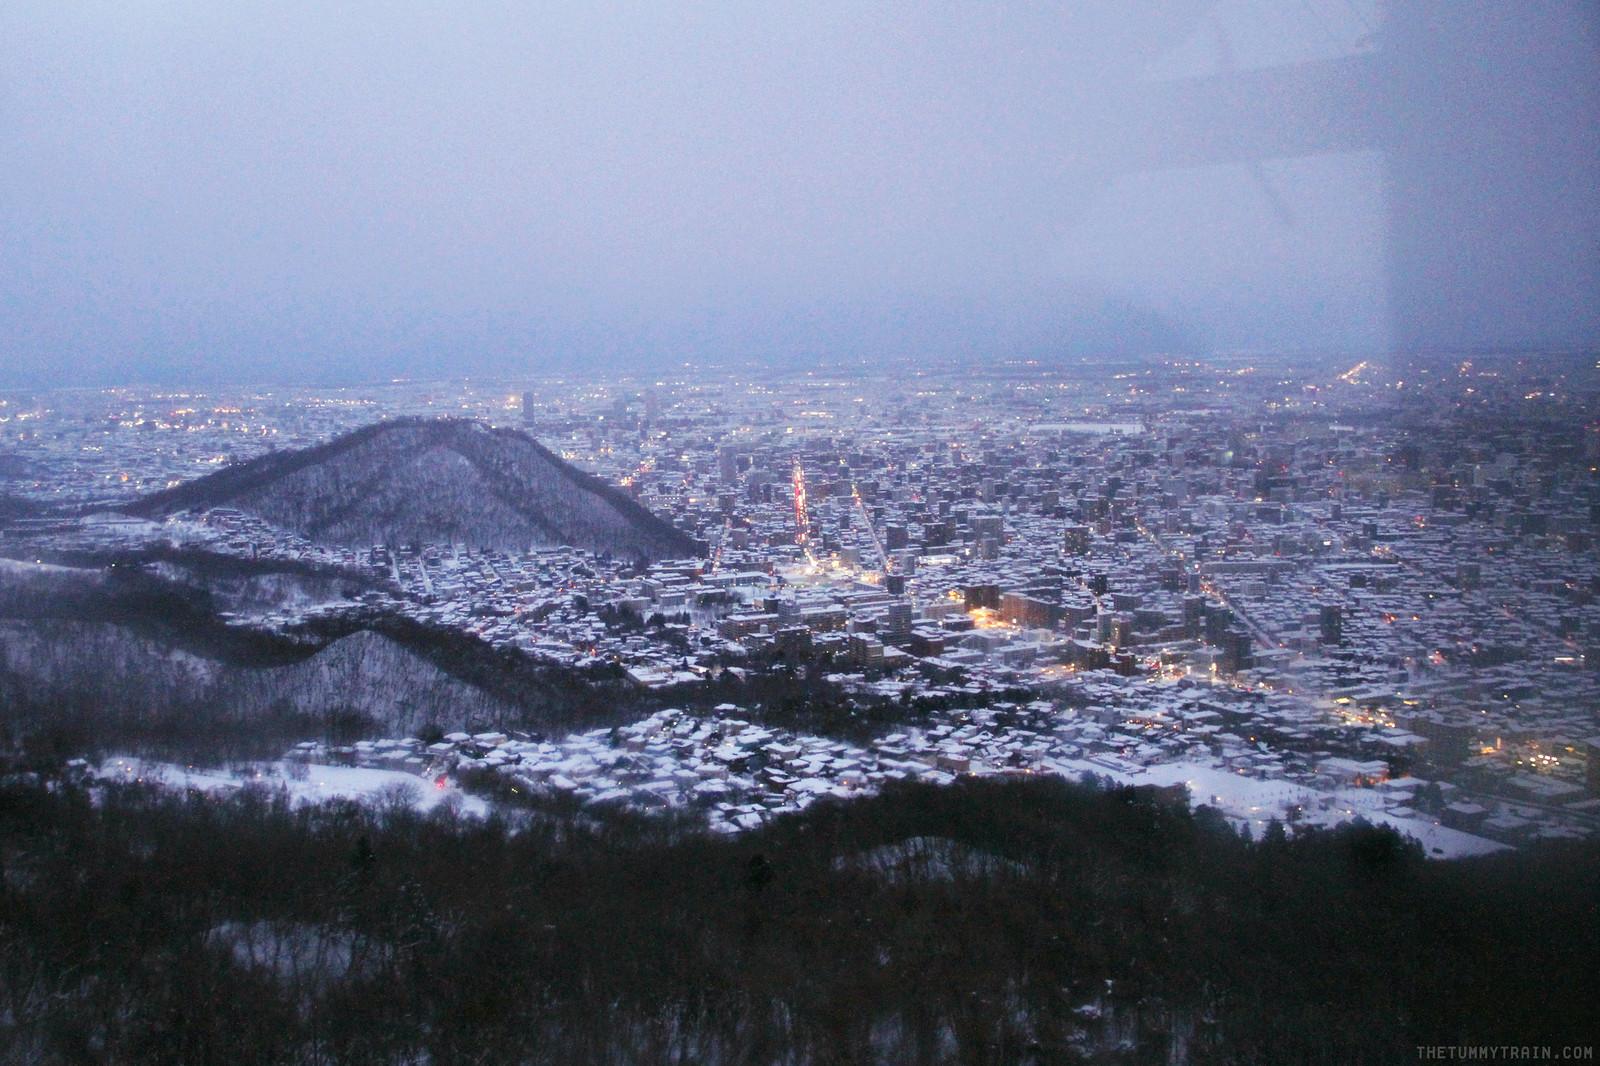 32101865763 454bfa3ddf h - Sapporo Snow And Smile: 8 Unforgettable Winter Experiences in Sapporo City